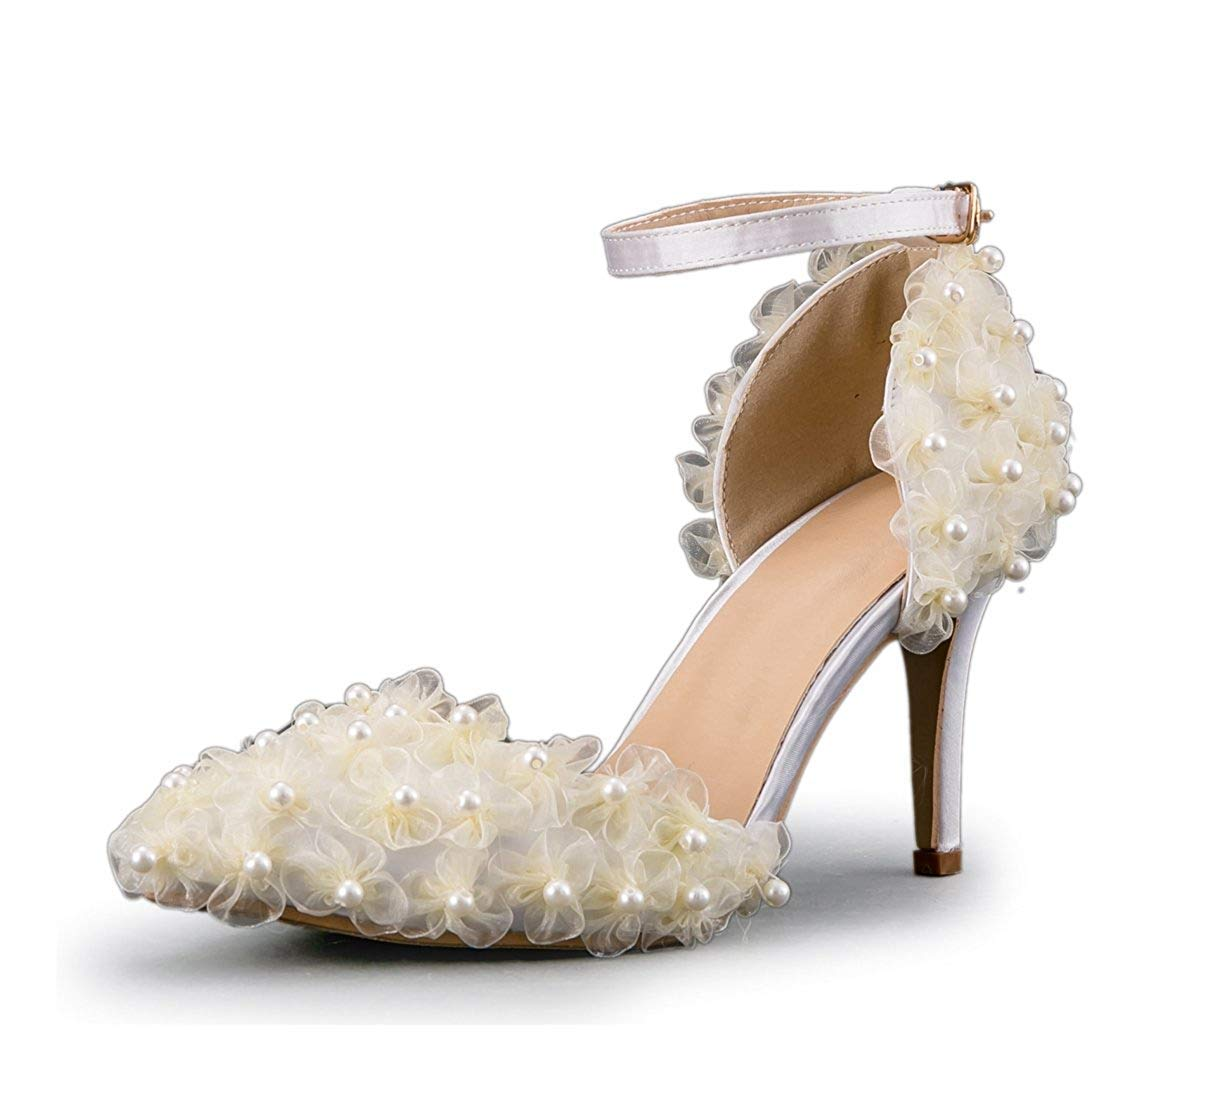 Qiusa Frauen Gaze Elegante Blaumen Elegante Gaze Knöchelriemen Elfenbein Braut Hochzeit Schuhe UK 3 (Farbe   - Größe   -) efef24